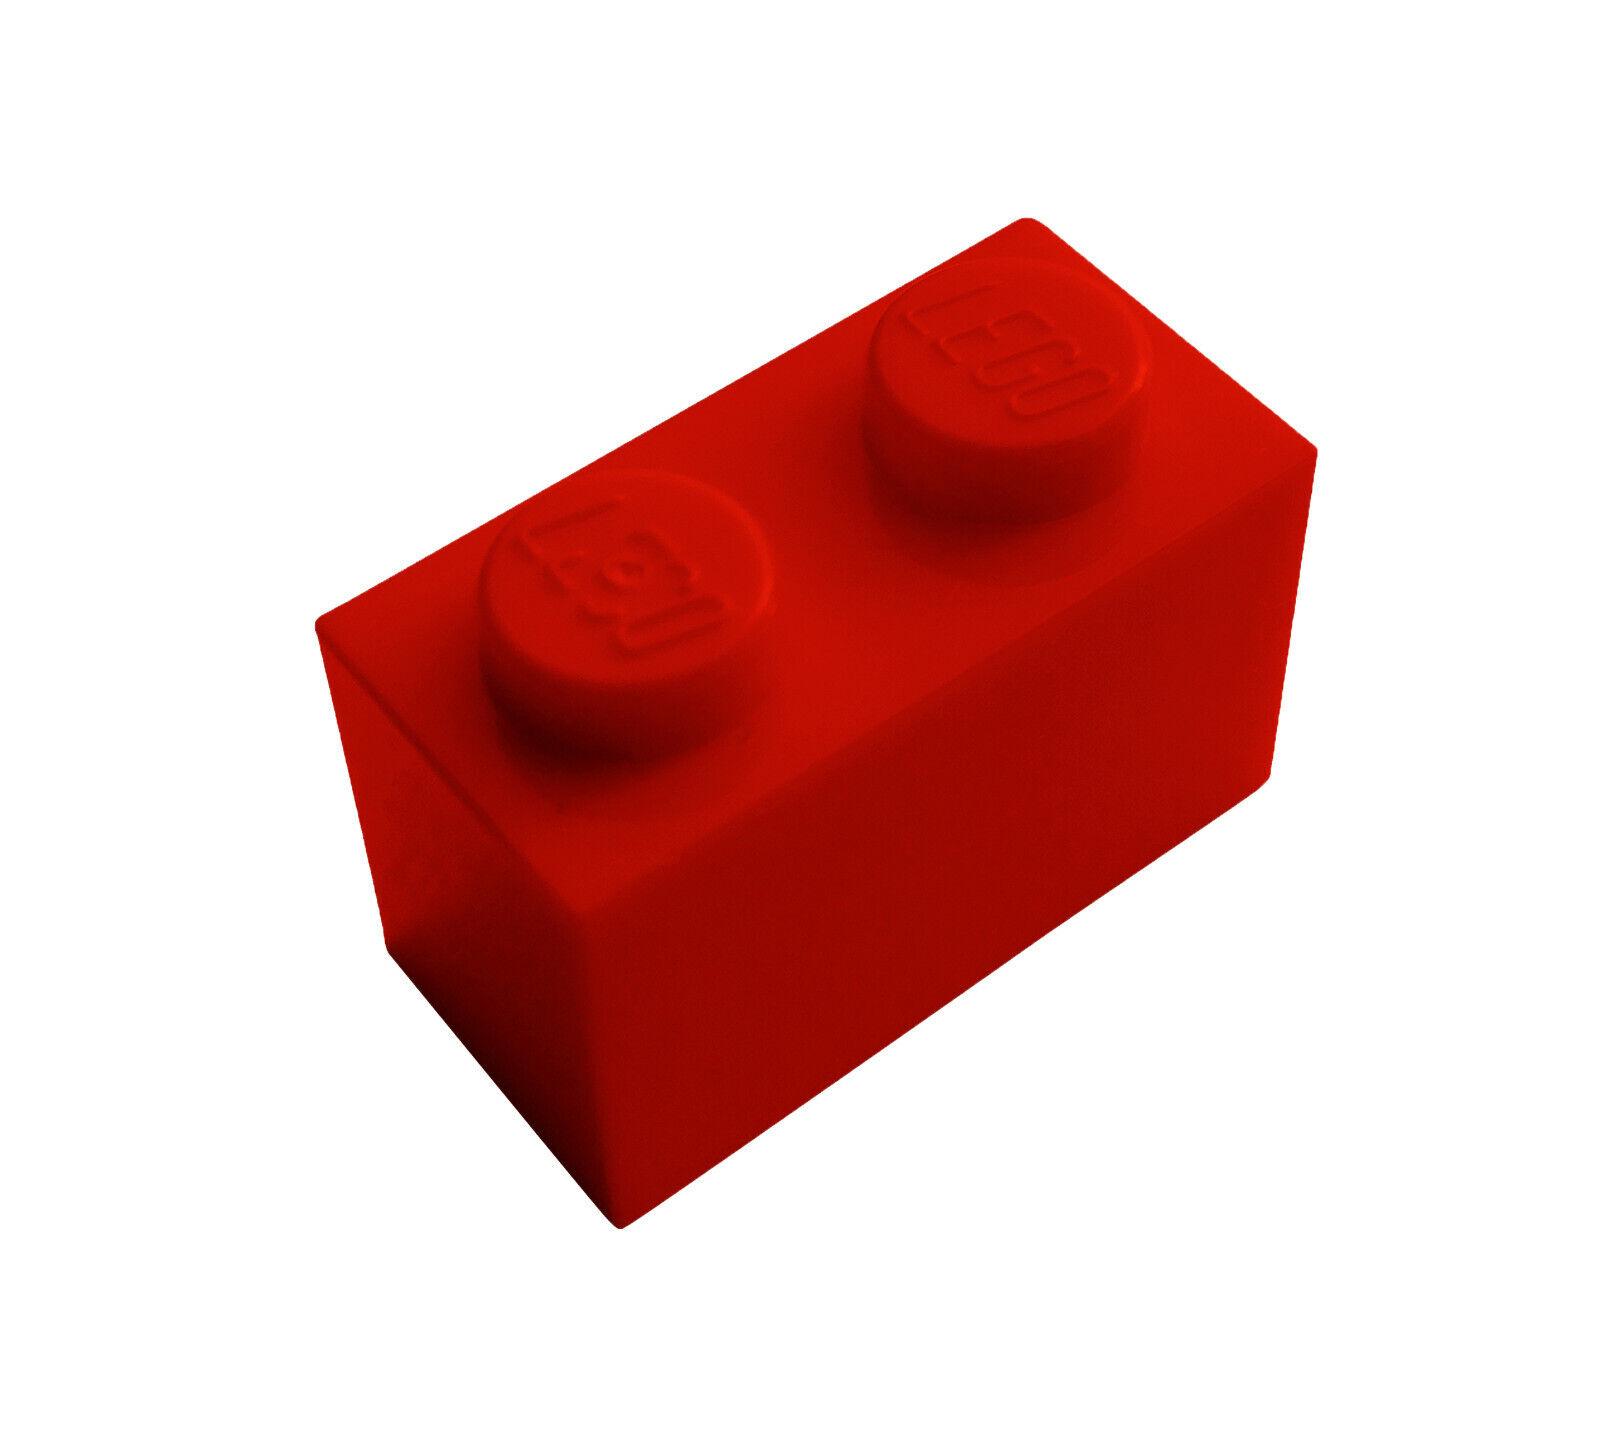 Lego 10 Stück rote Steine 1x8 Neu Stein in rot City Basics Baustein 3008